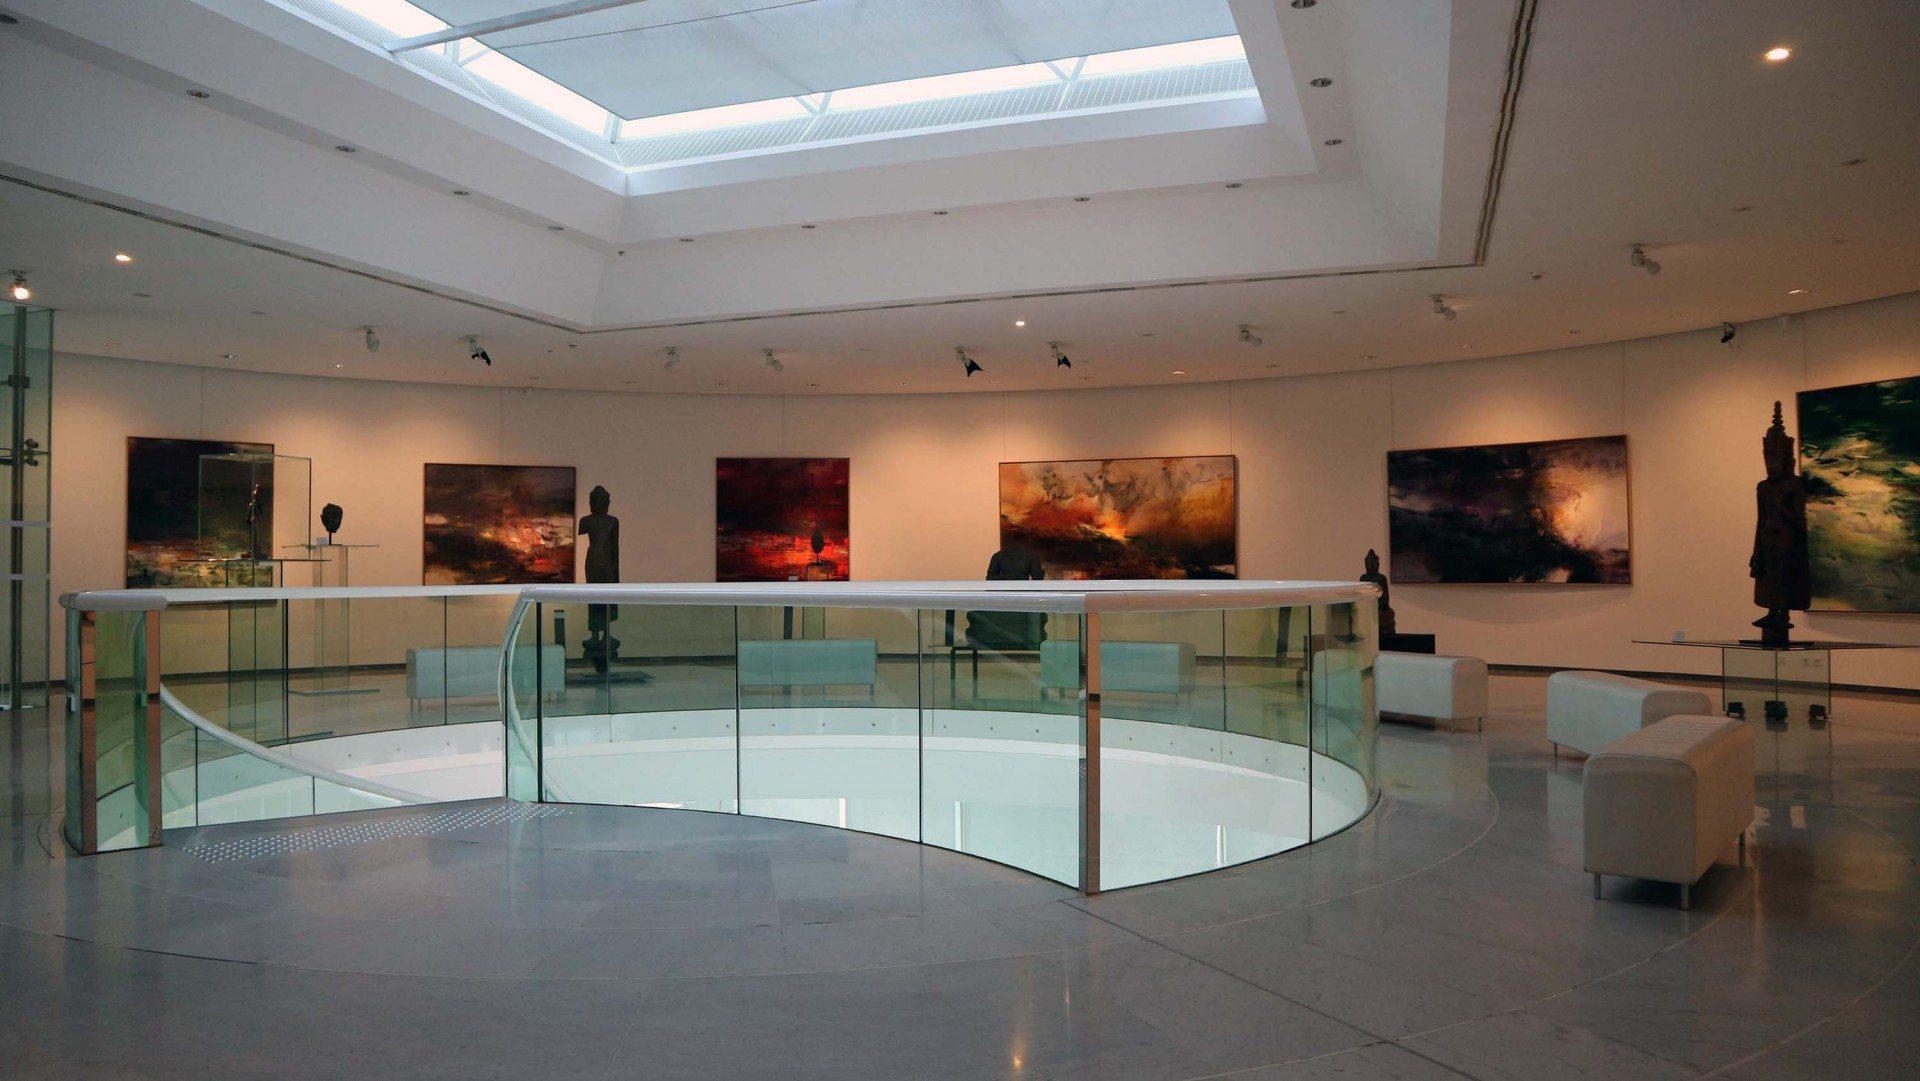 Im Himmel. Der Raum für religiöse Kunst im Obergeschoss zeigt den Buddhismus als einigendes Element der ostasiatischen Kunst.